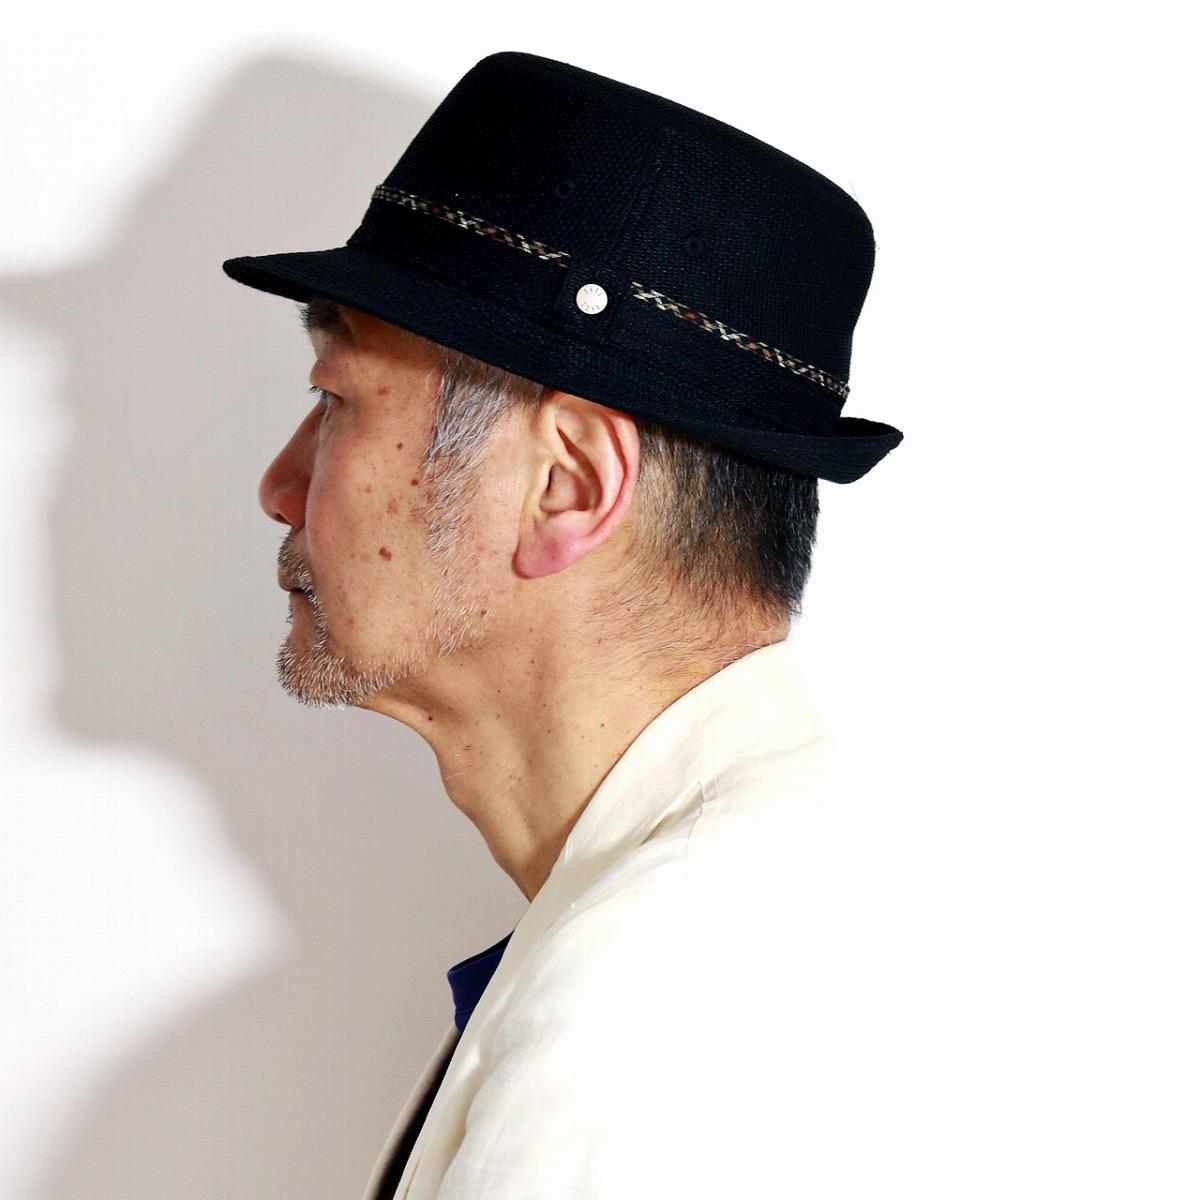 DAKS アルペンハット 鹿の子織り カラミリネン 春 夏 ダックス メンズ 帽子 小さいサイズ 大きいサイズ 麻100% HAT 日本製 アルペン帽 紳士 海外ブランド 高品質 / 黒 ブラック[ alpine hat ]男性 誕生日 帽子 父の日 ギフト プレゼント